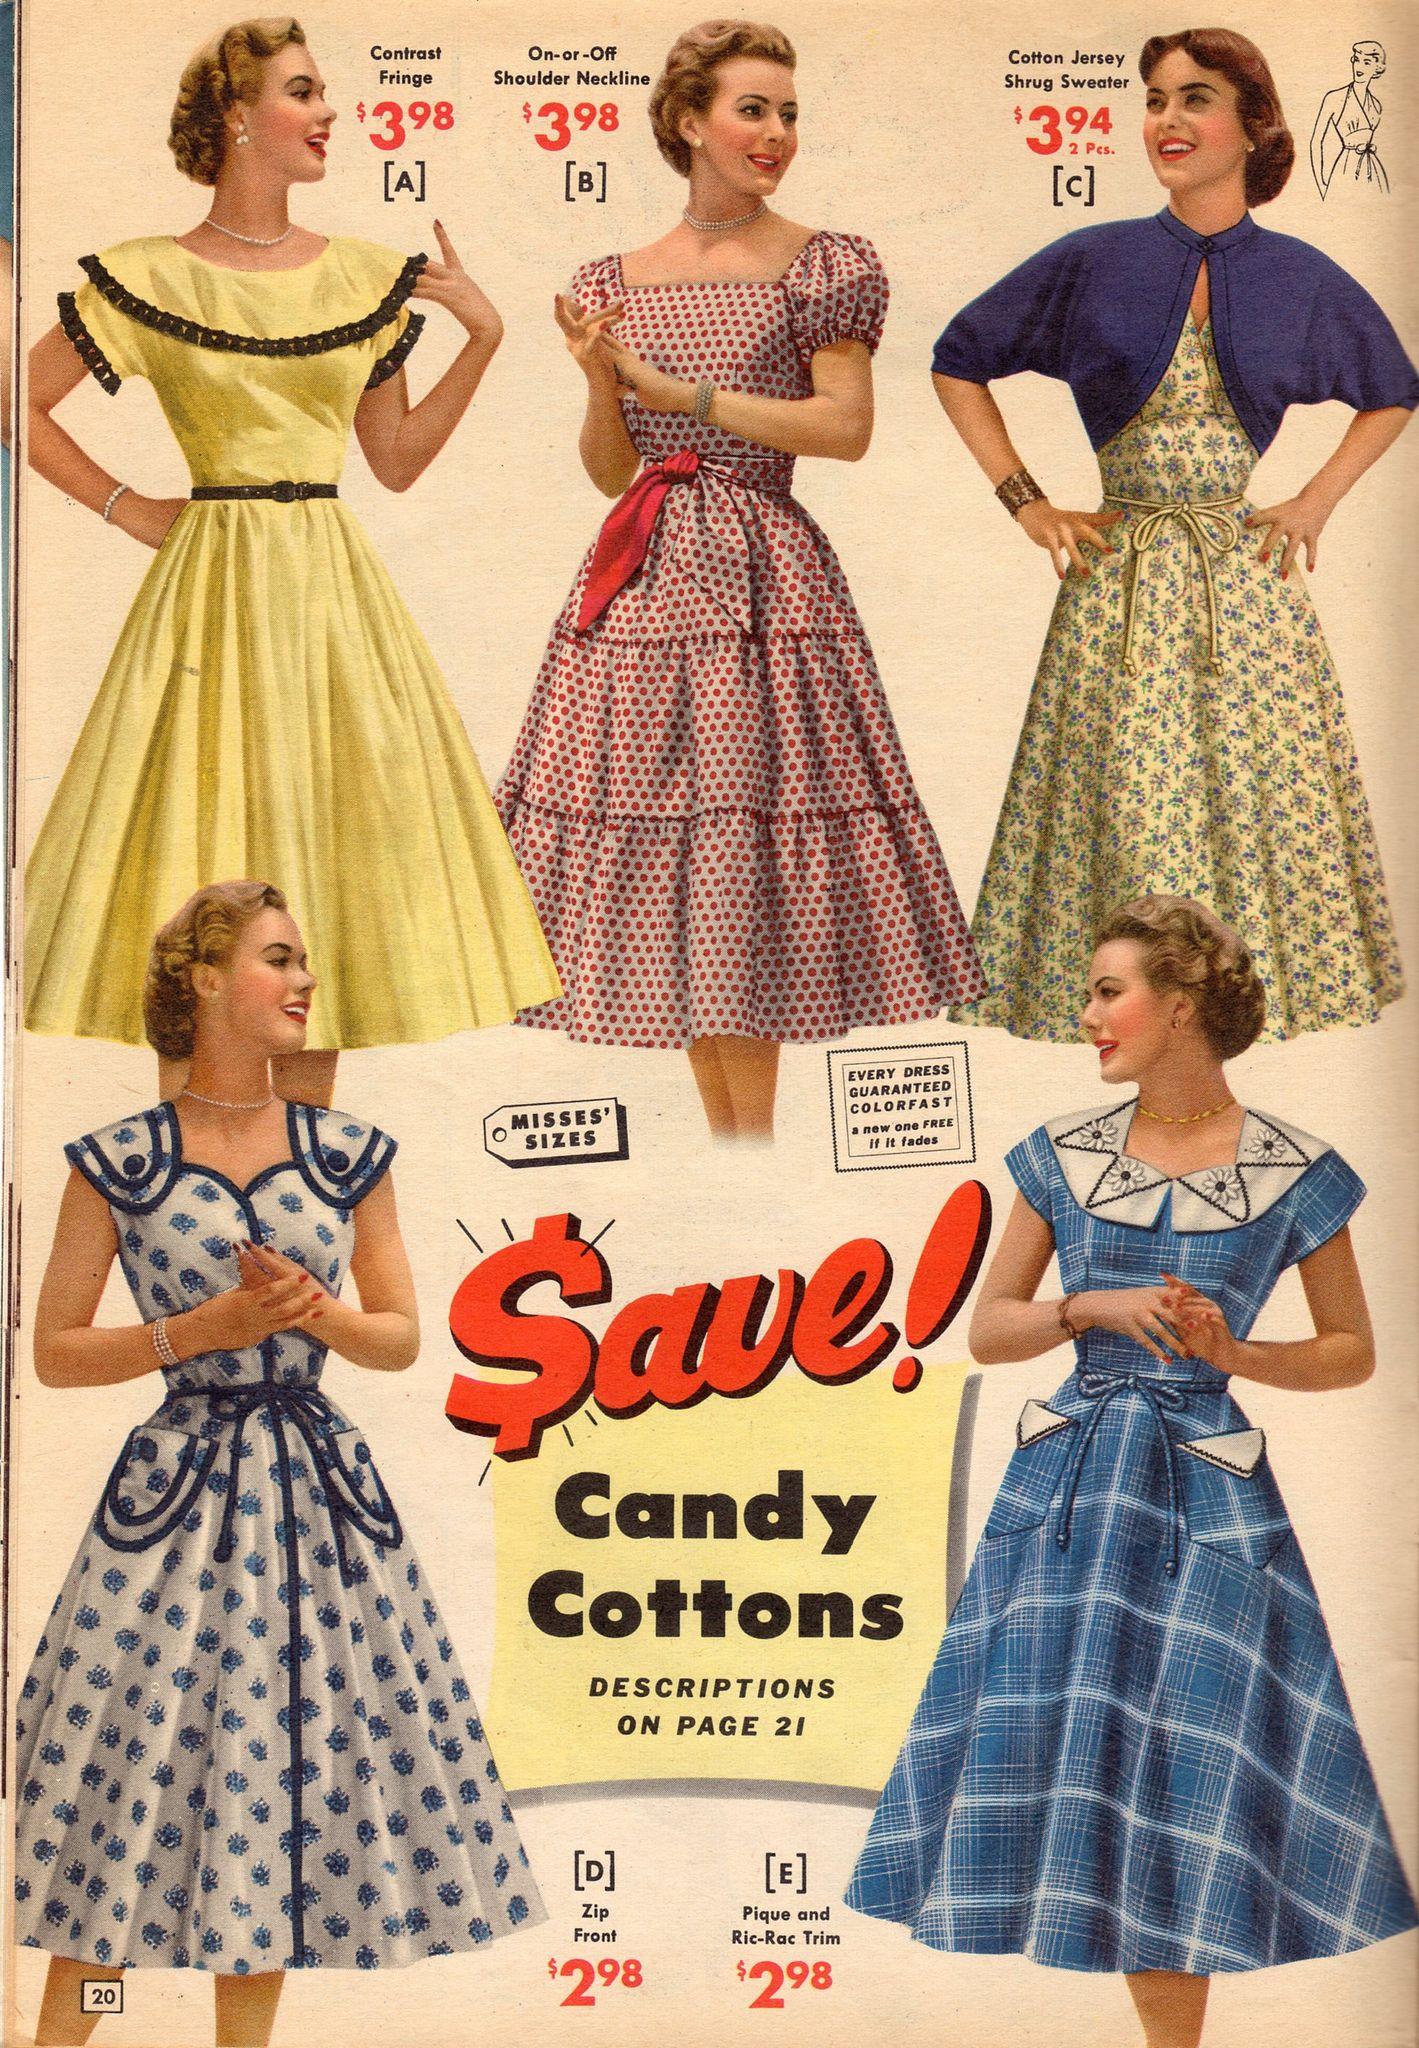 Vintage Année 50 tout nbh 1953 | robe année 50, affiche pub et etre belle